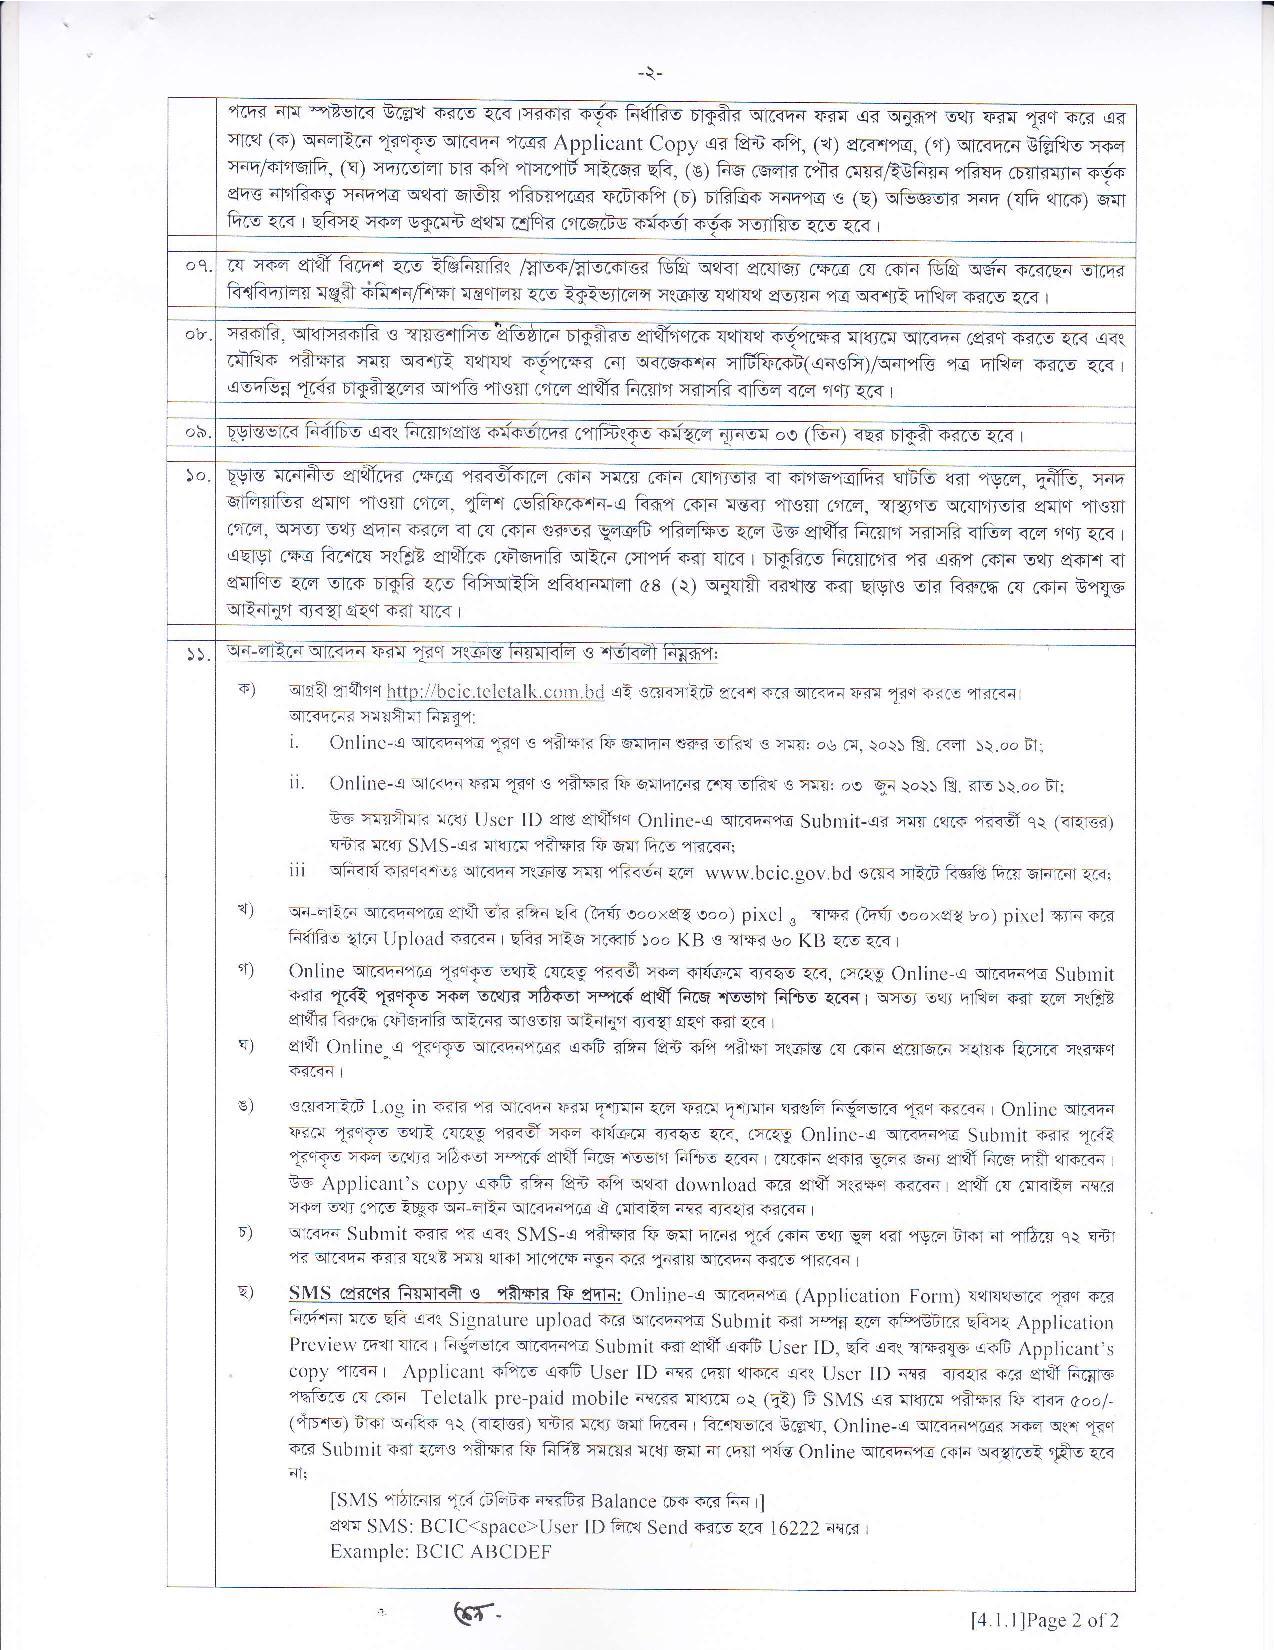 ৩১৭ পদে বাংলাদেশ ক্যামিকেল ইন্ডাস্ট্রিজ কর্পোরেশন এর চাকরির নতুন নিয়োগ বিজ্ঞপ্তি